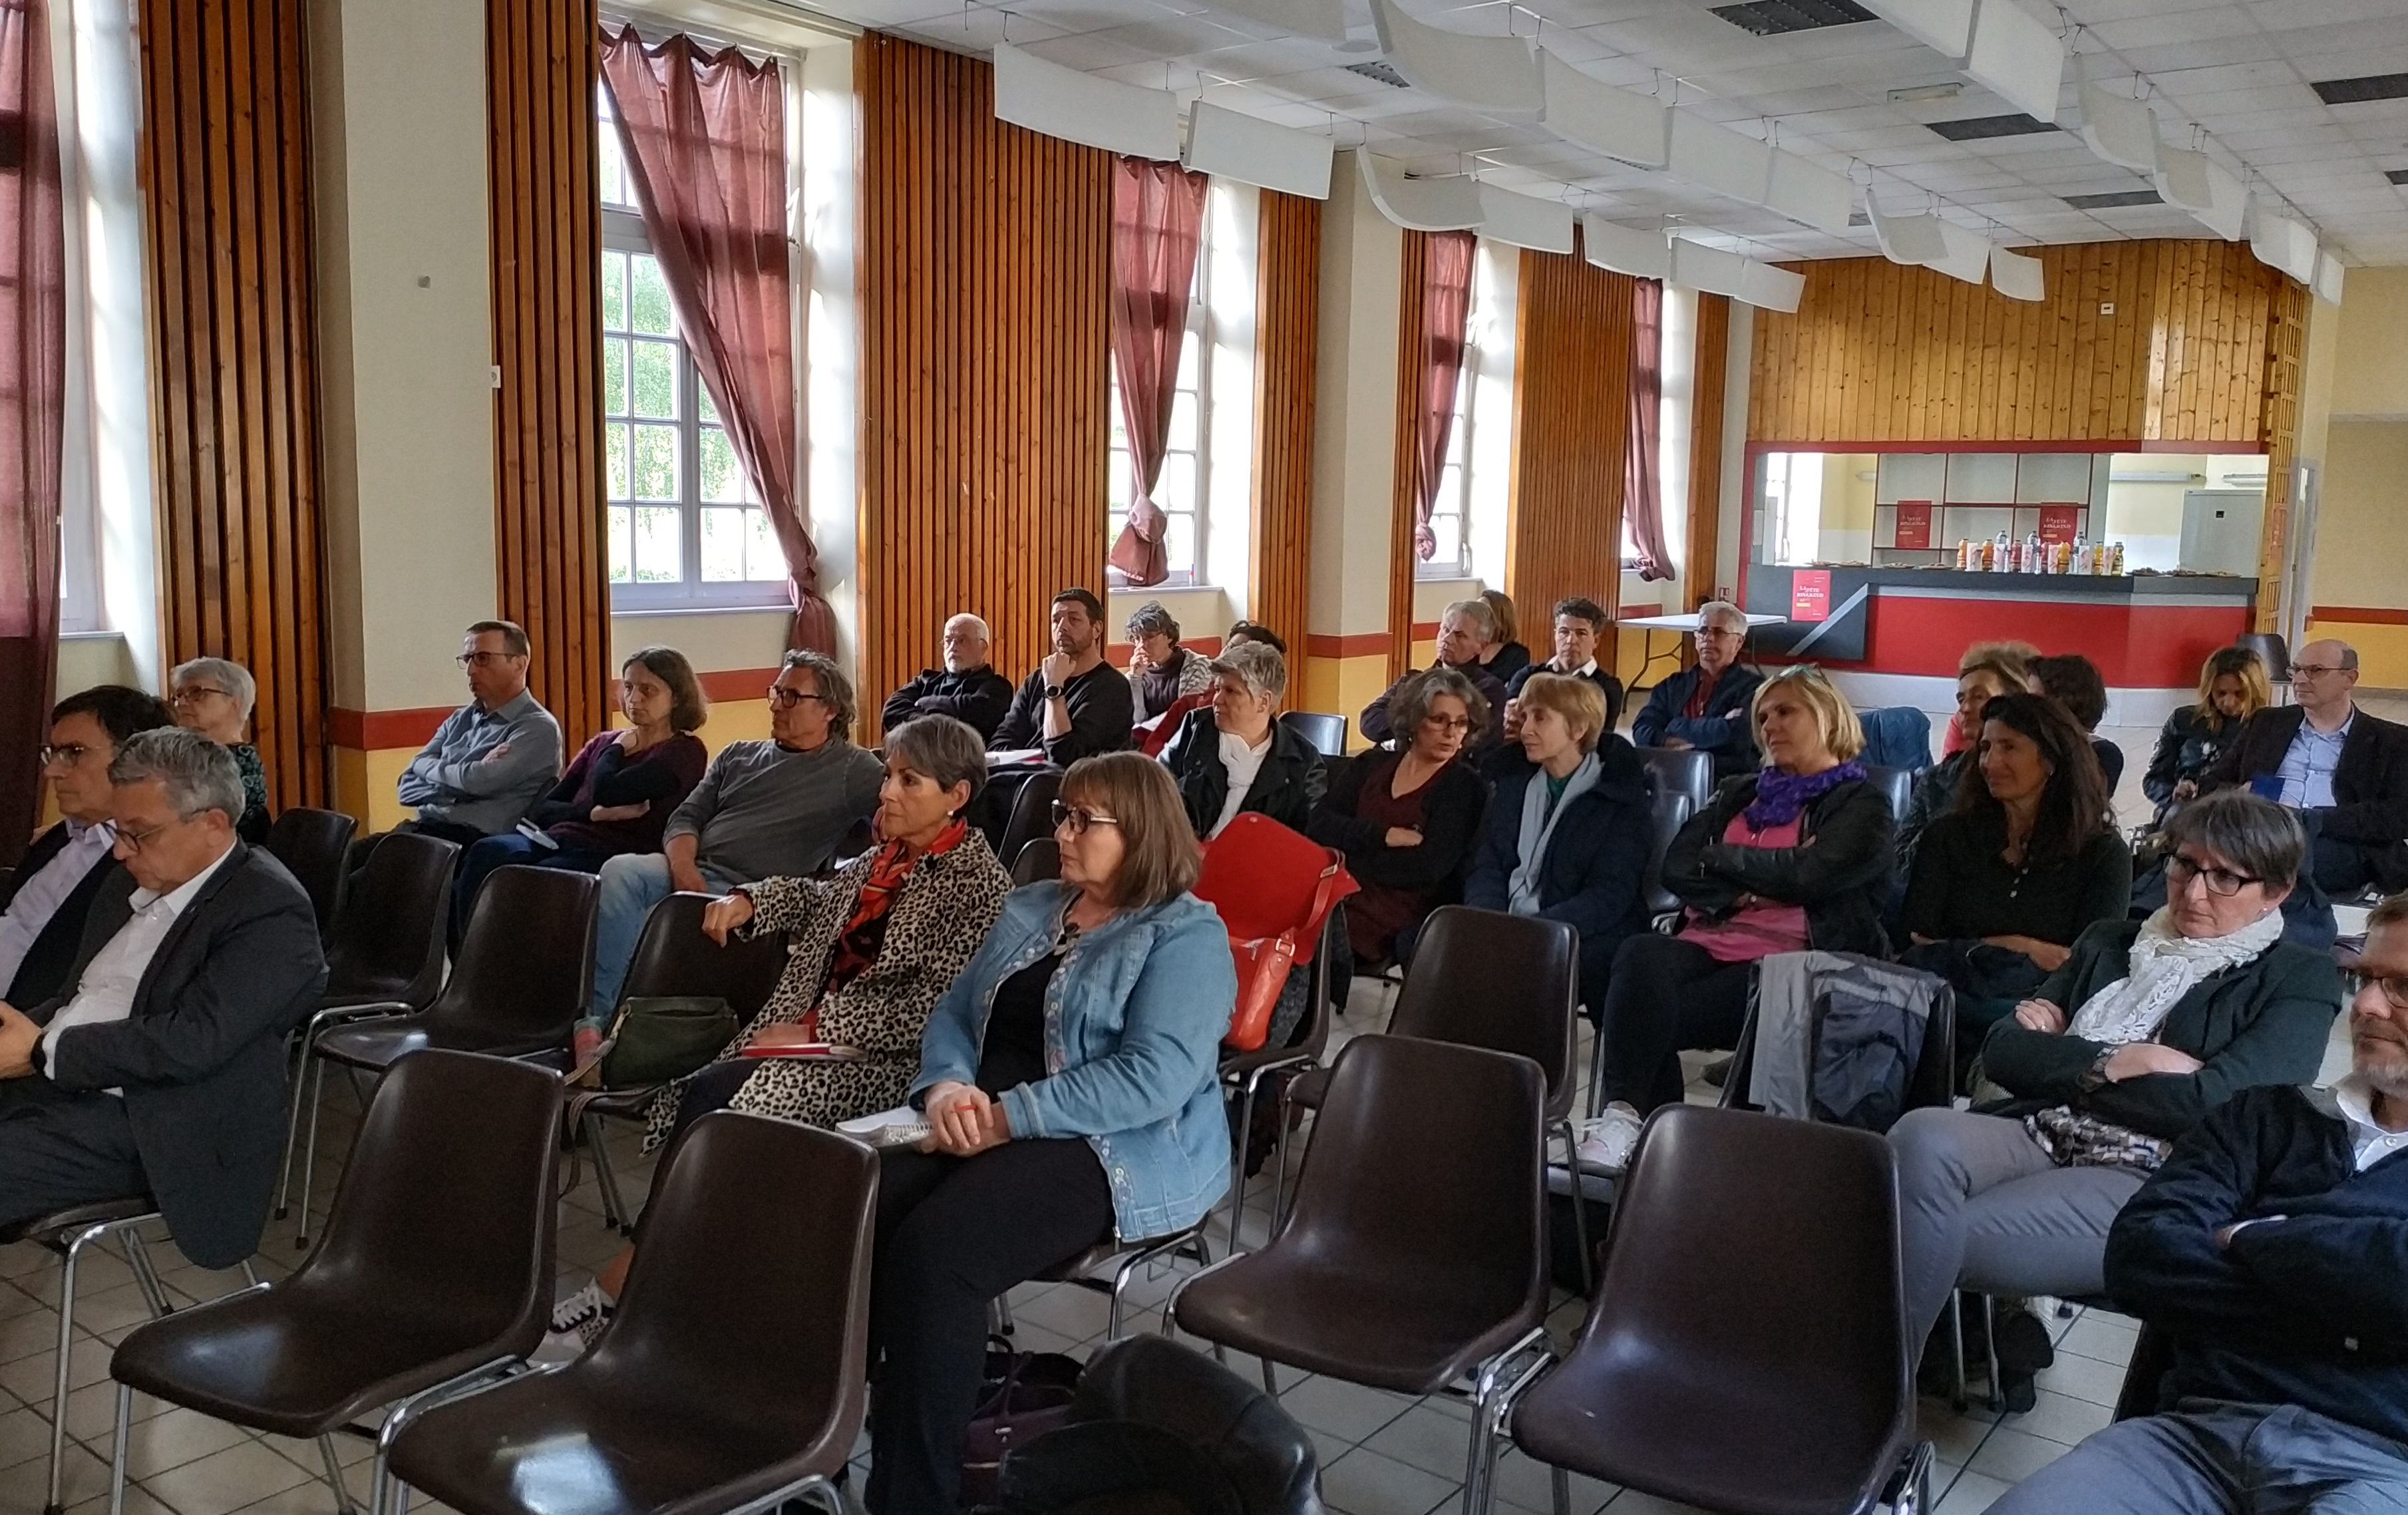 Les Rendez-vous de l'enseignement et des pratiques artistiques en Isère